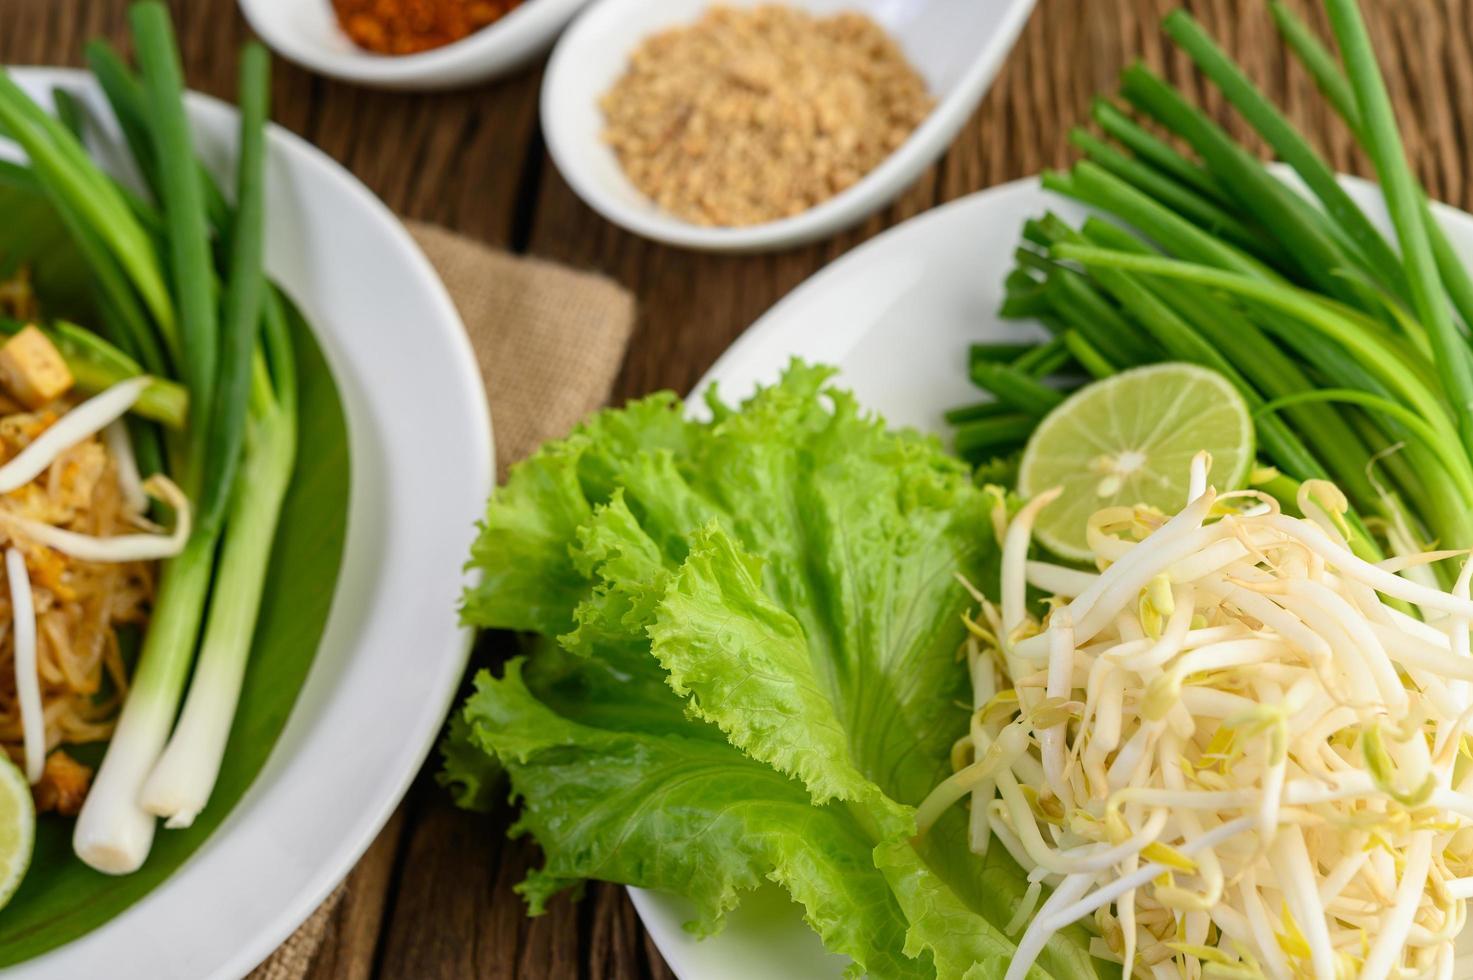 Sojasprossen, Salat, Limette und Frühlingszwiebeln foto